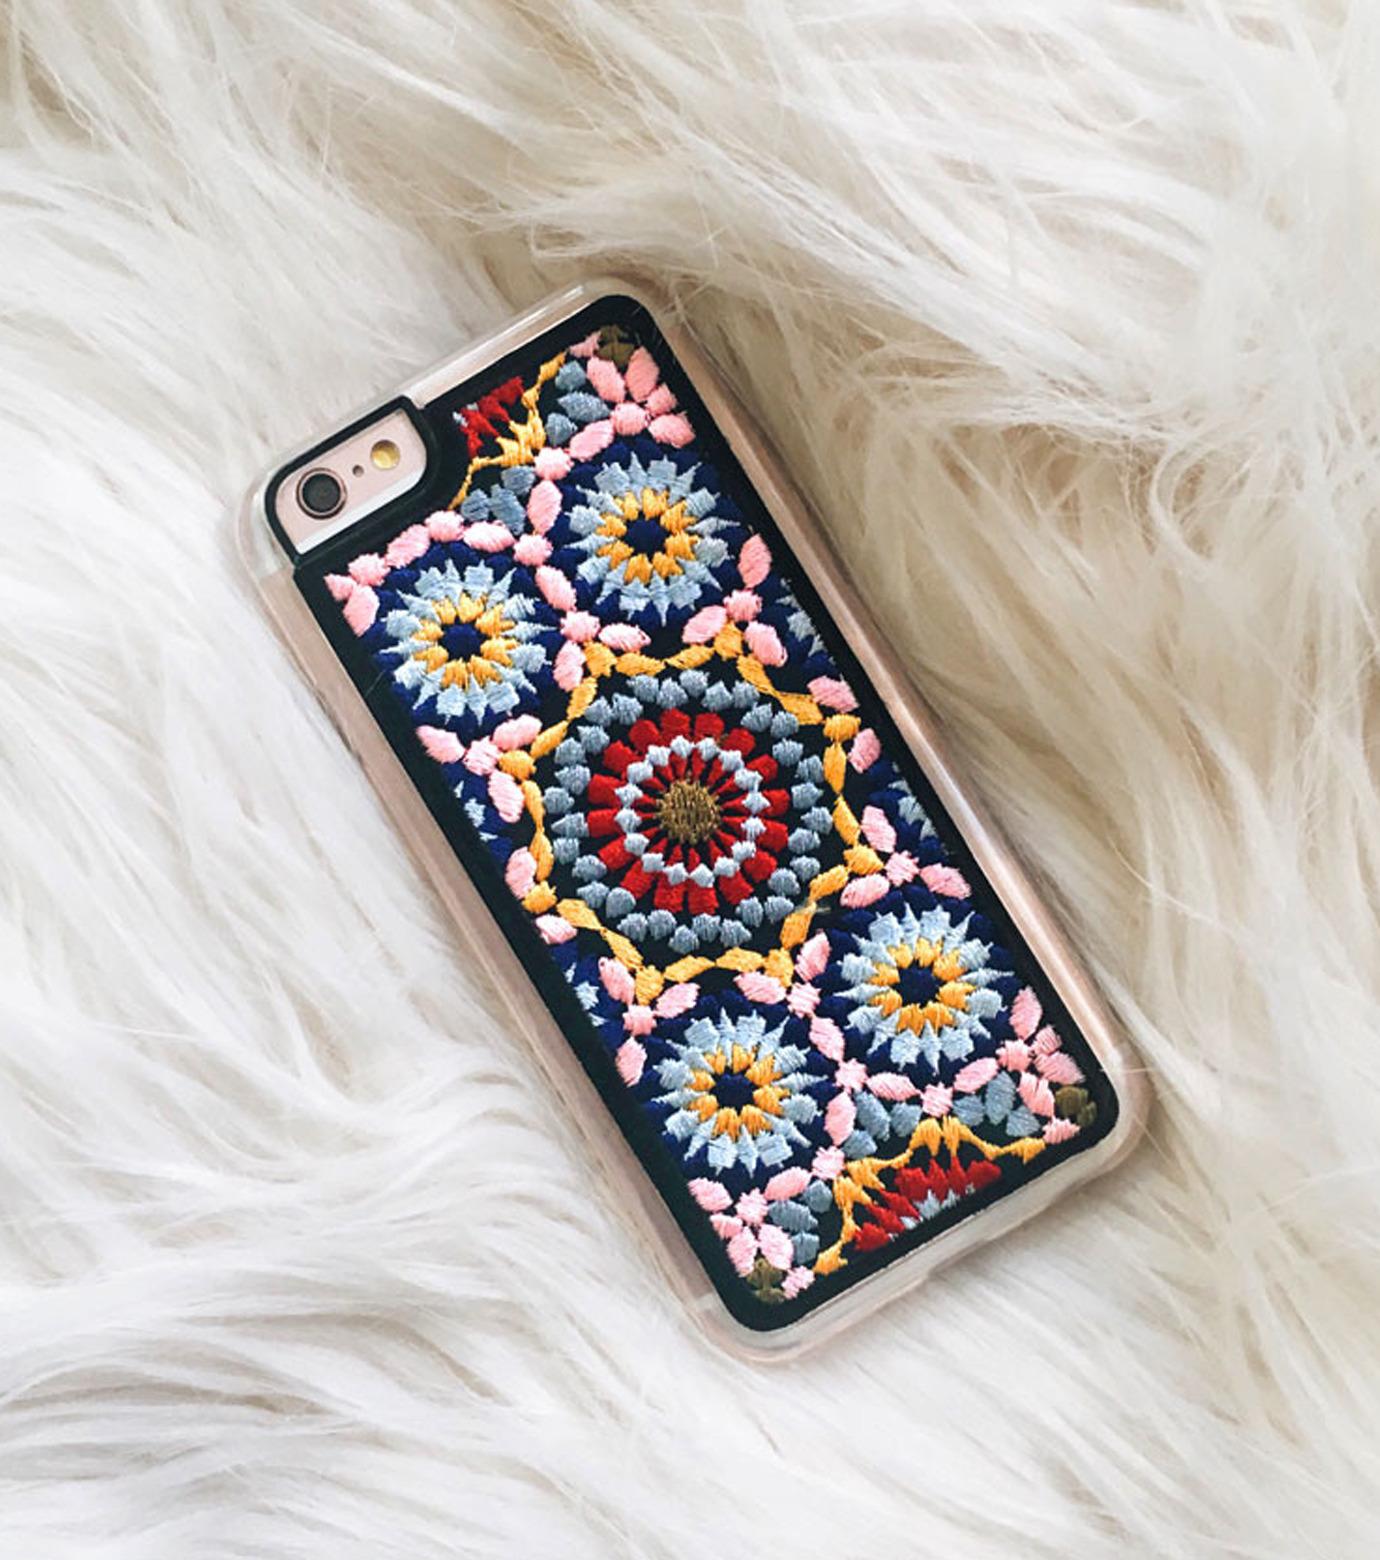 ZERO GRAVITY(ゼログラビティ)のCASBAH for 6/6S-BLACK(ケースiphone6/6s/case iphone6/6s)-CASBA6-13 拡大詳細画像5